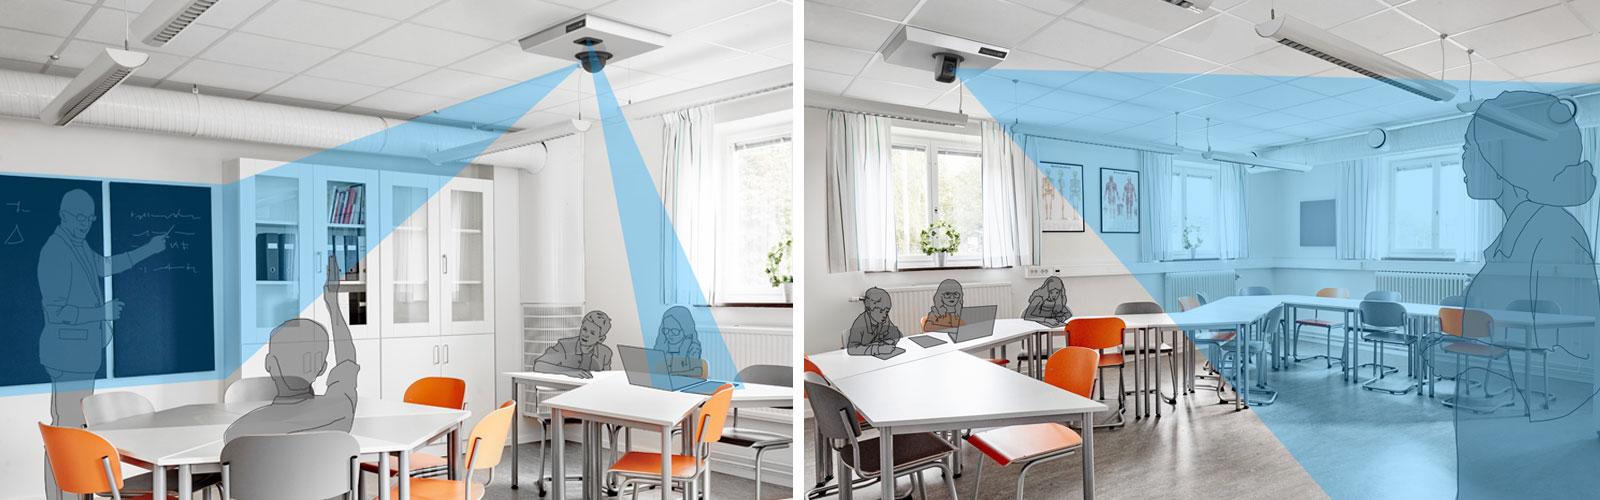 MagniLink AIR: Två klassrumsbilder som visar hur MagniLink AIR Uno respektive Duo används i ett klassrum för att hjälpa elever med synnedsättning.